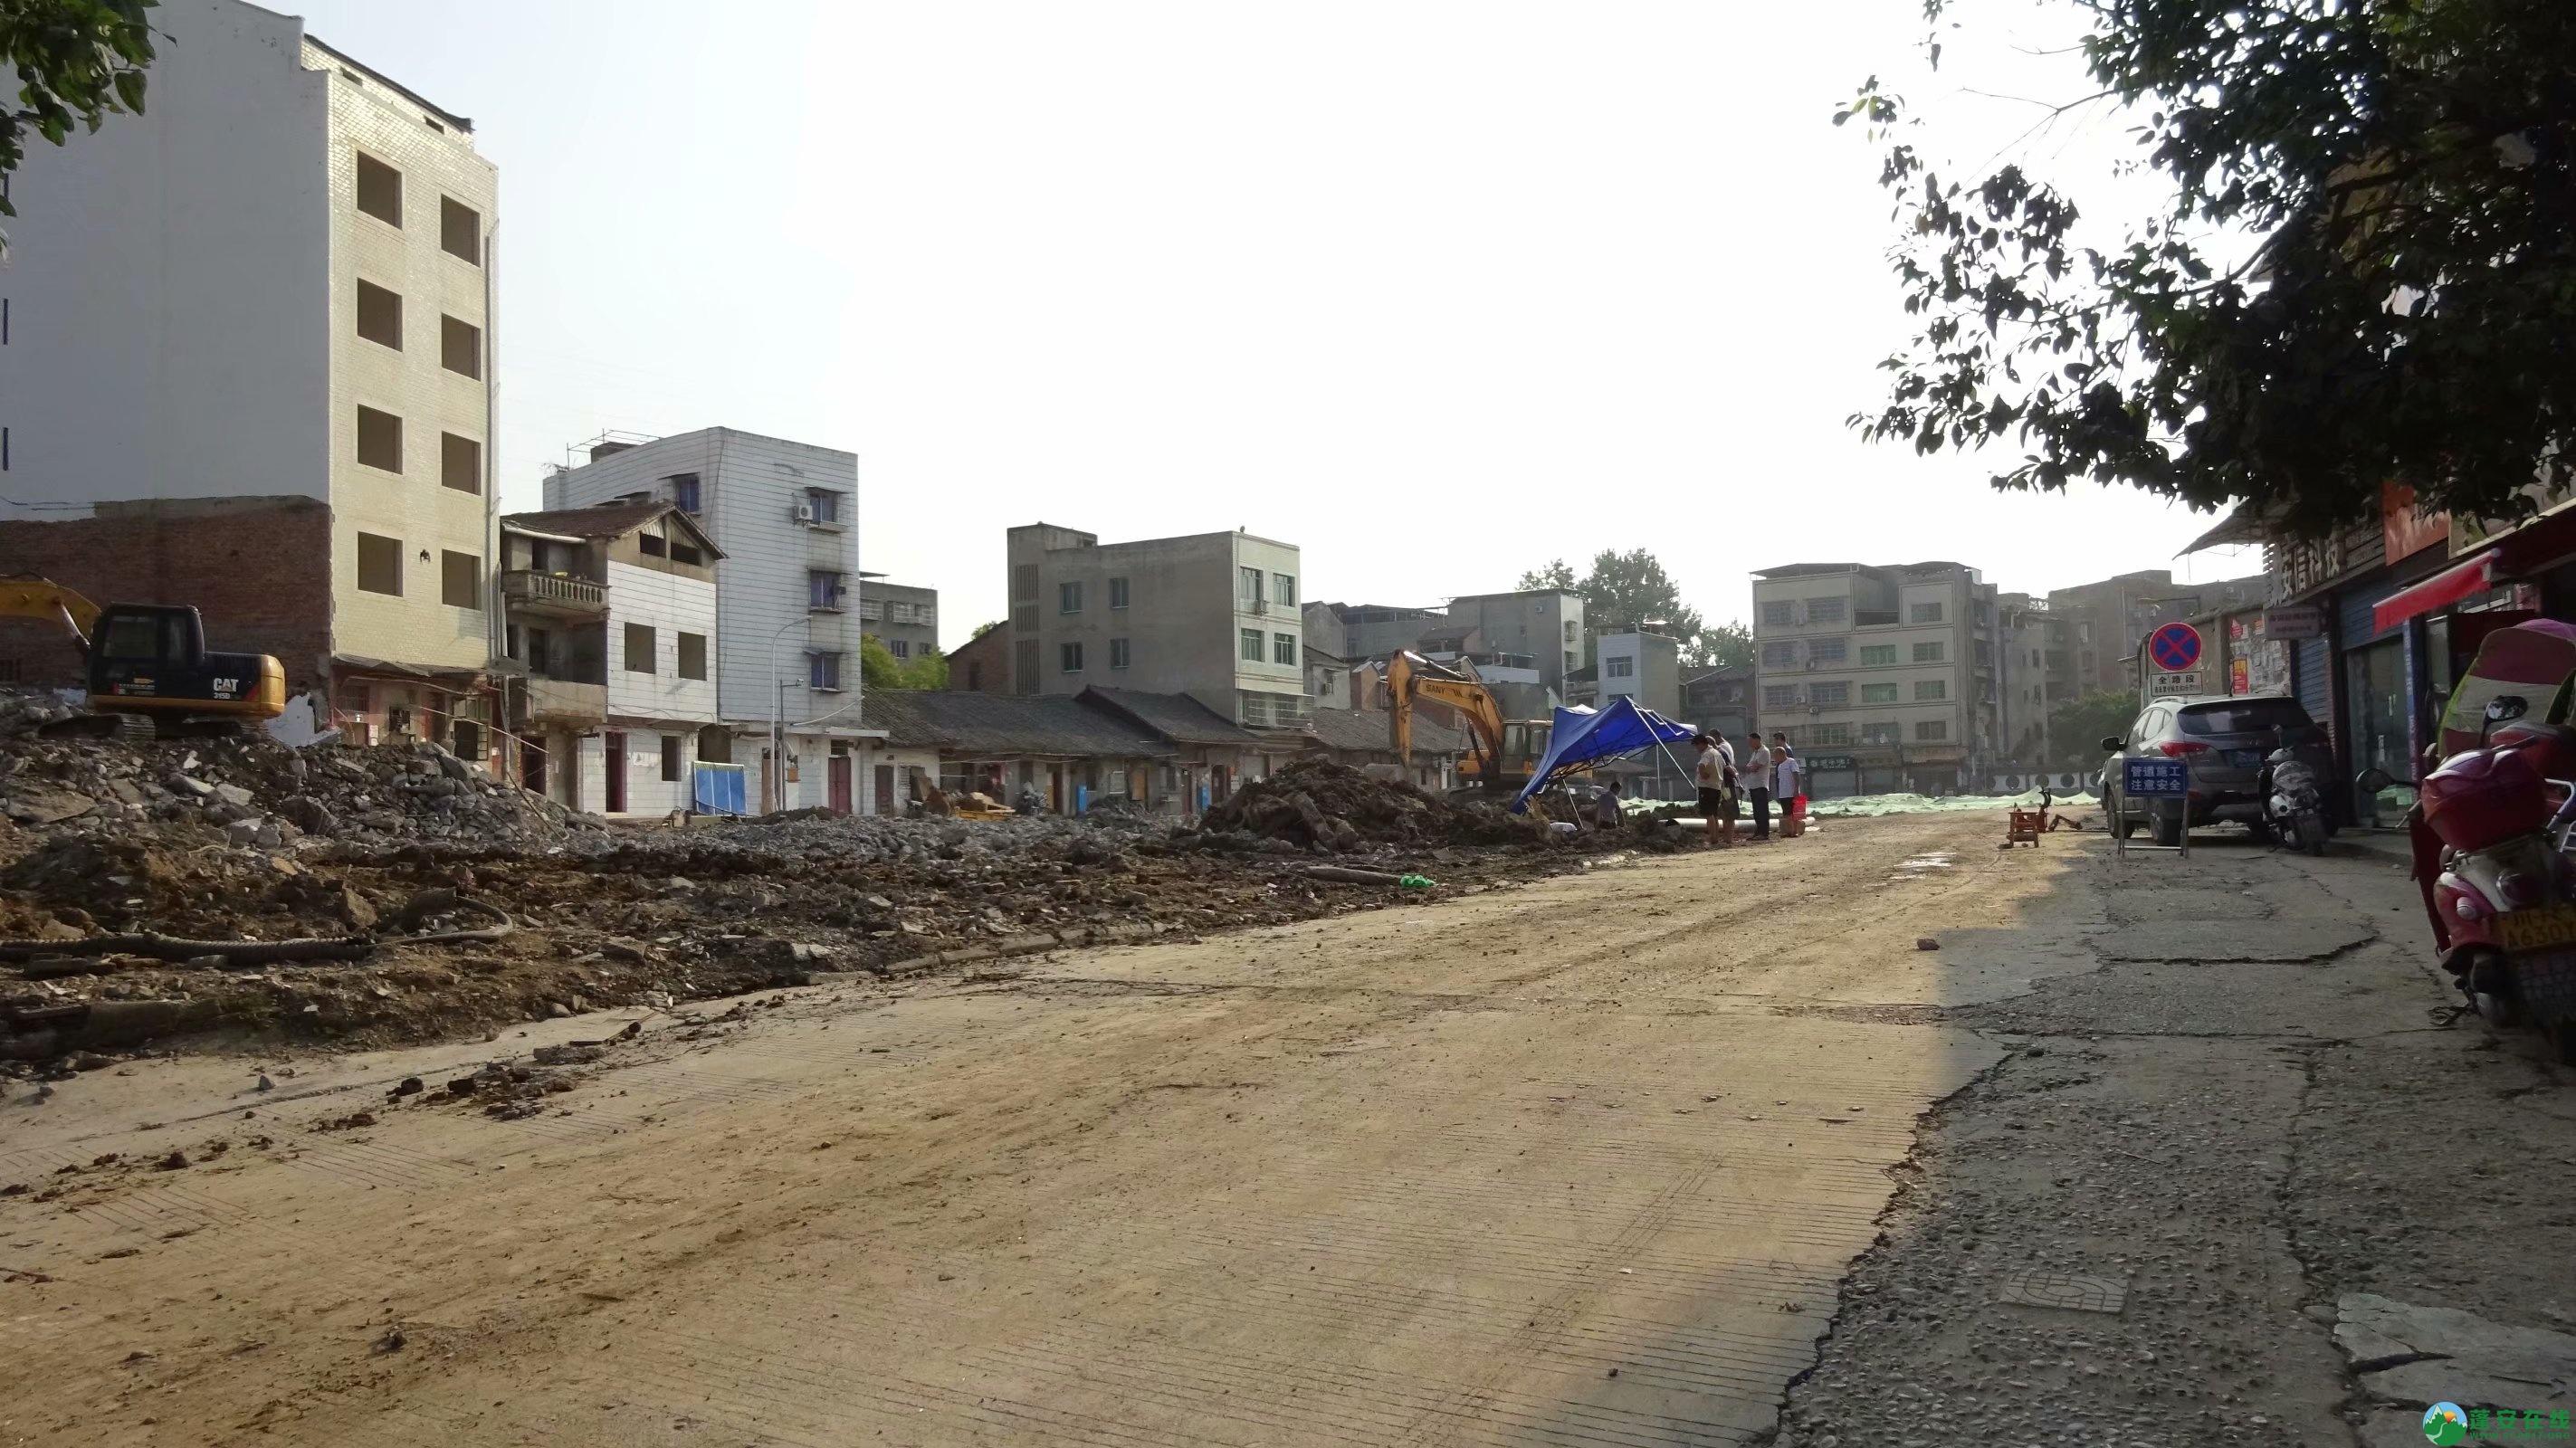 蓬安锦屏相如故城建设迅猛 - 第5张  | 蓬安在线